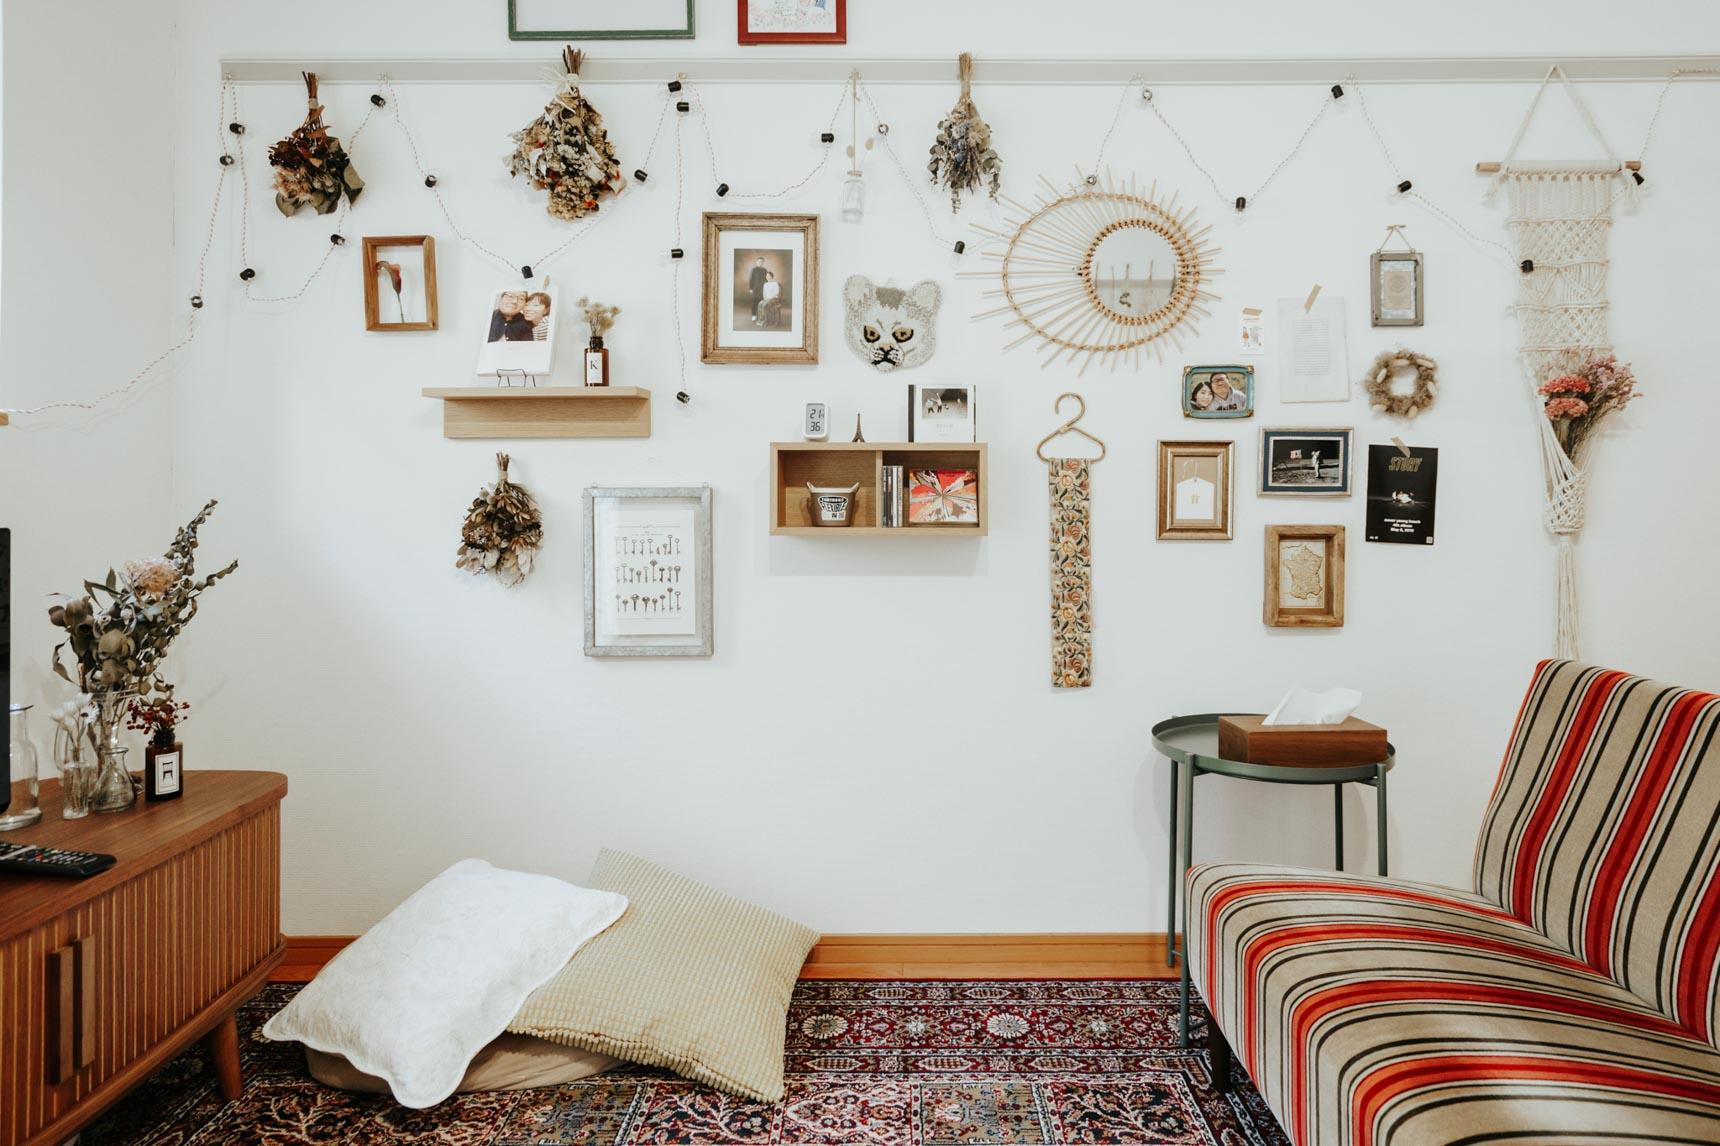 こちらのお部屋では、普段からピクチャーレールなどを使って、壁かけを楽しんでいらっしゃいます。クリスマスらしいポスターやポストカードを額縁に入れたり、スワッグを飾ったり、布をかけたり……。そうするだけで、ずっとクリスマスらしいお部屋になりそうです。